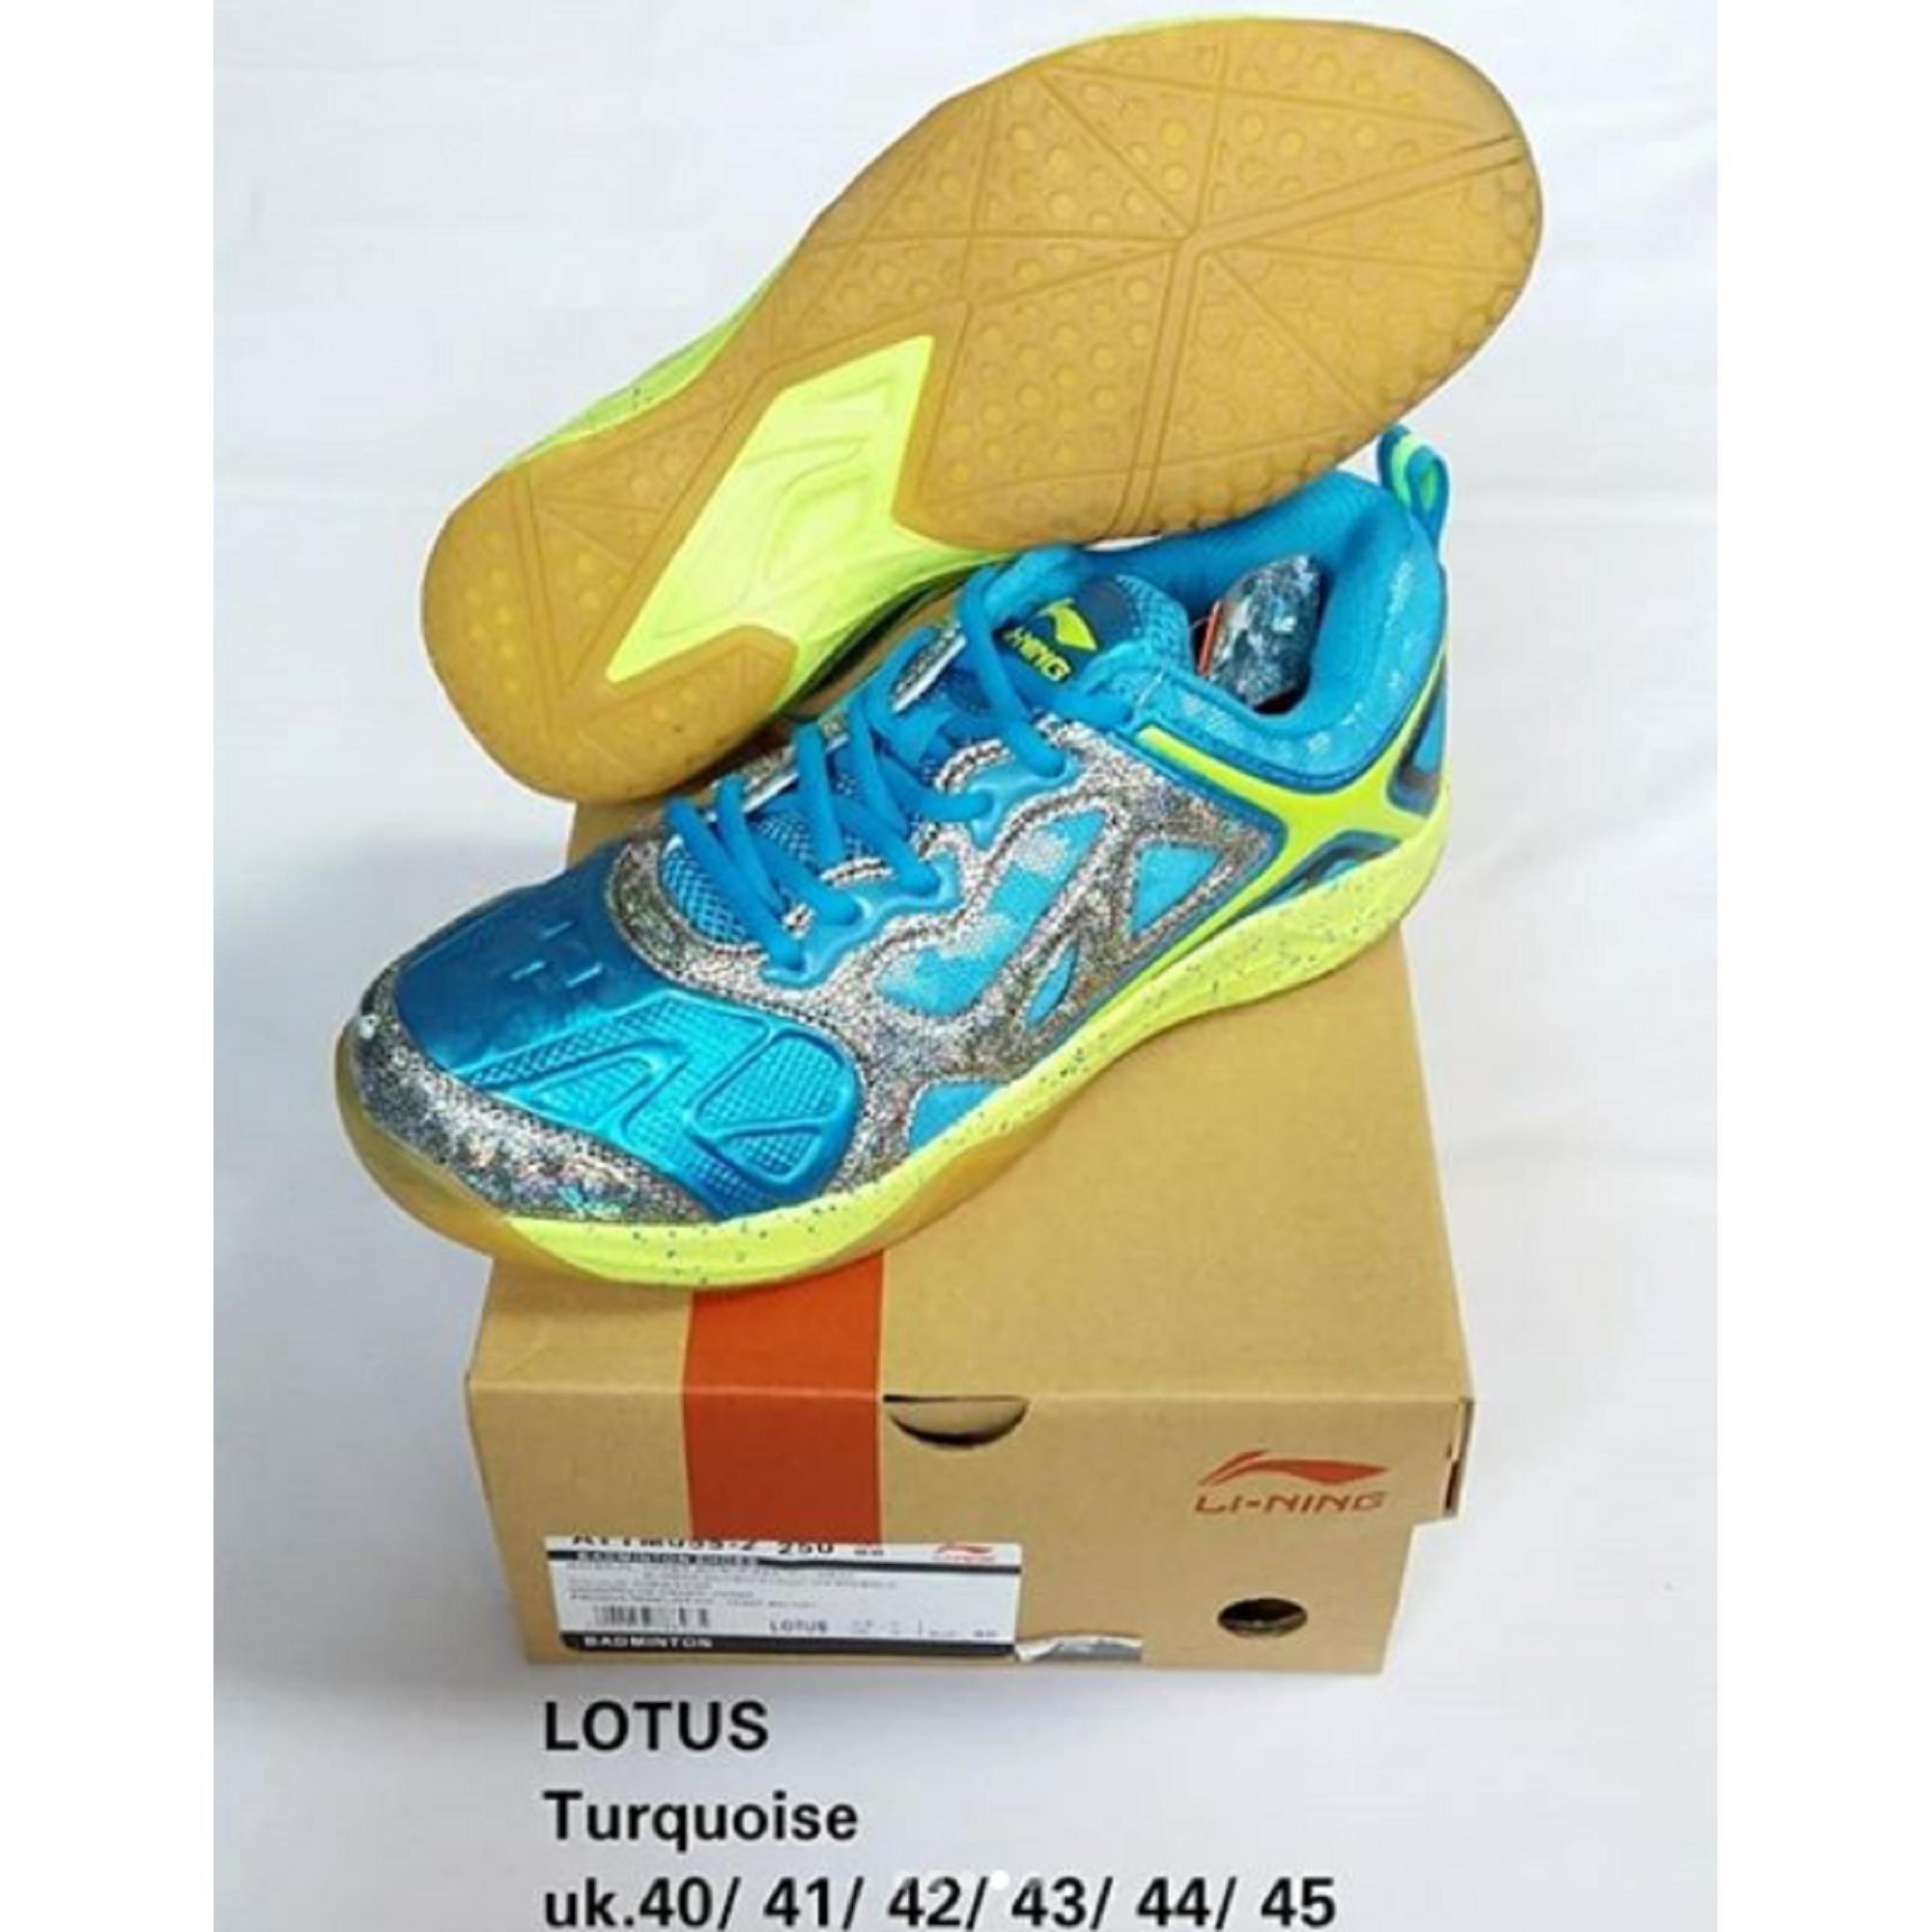 Sepatu Lining LOTUS AYTM055 BADMINTON SHOES MURAH DISKON OBRAL SALE JUAL PERLENGKAPAN BULUTANGKIS ADHA SPORT